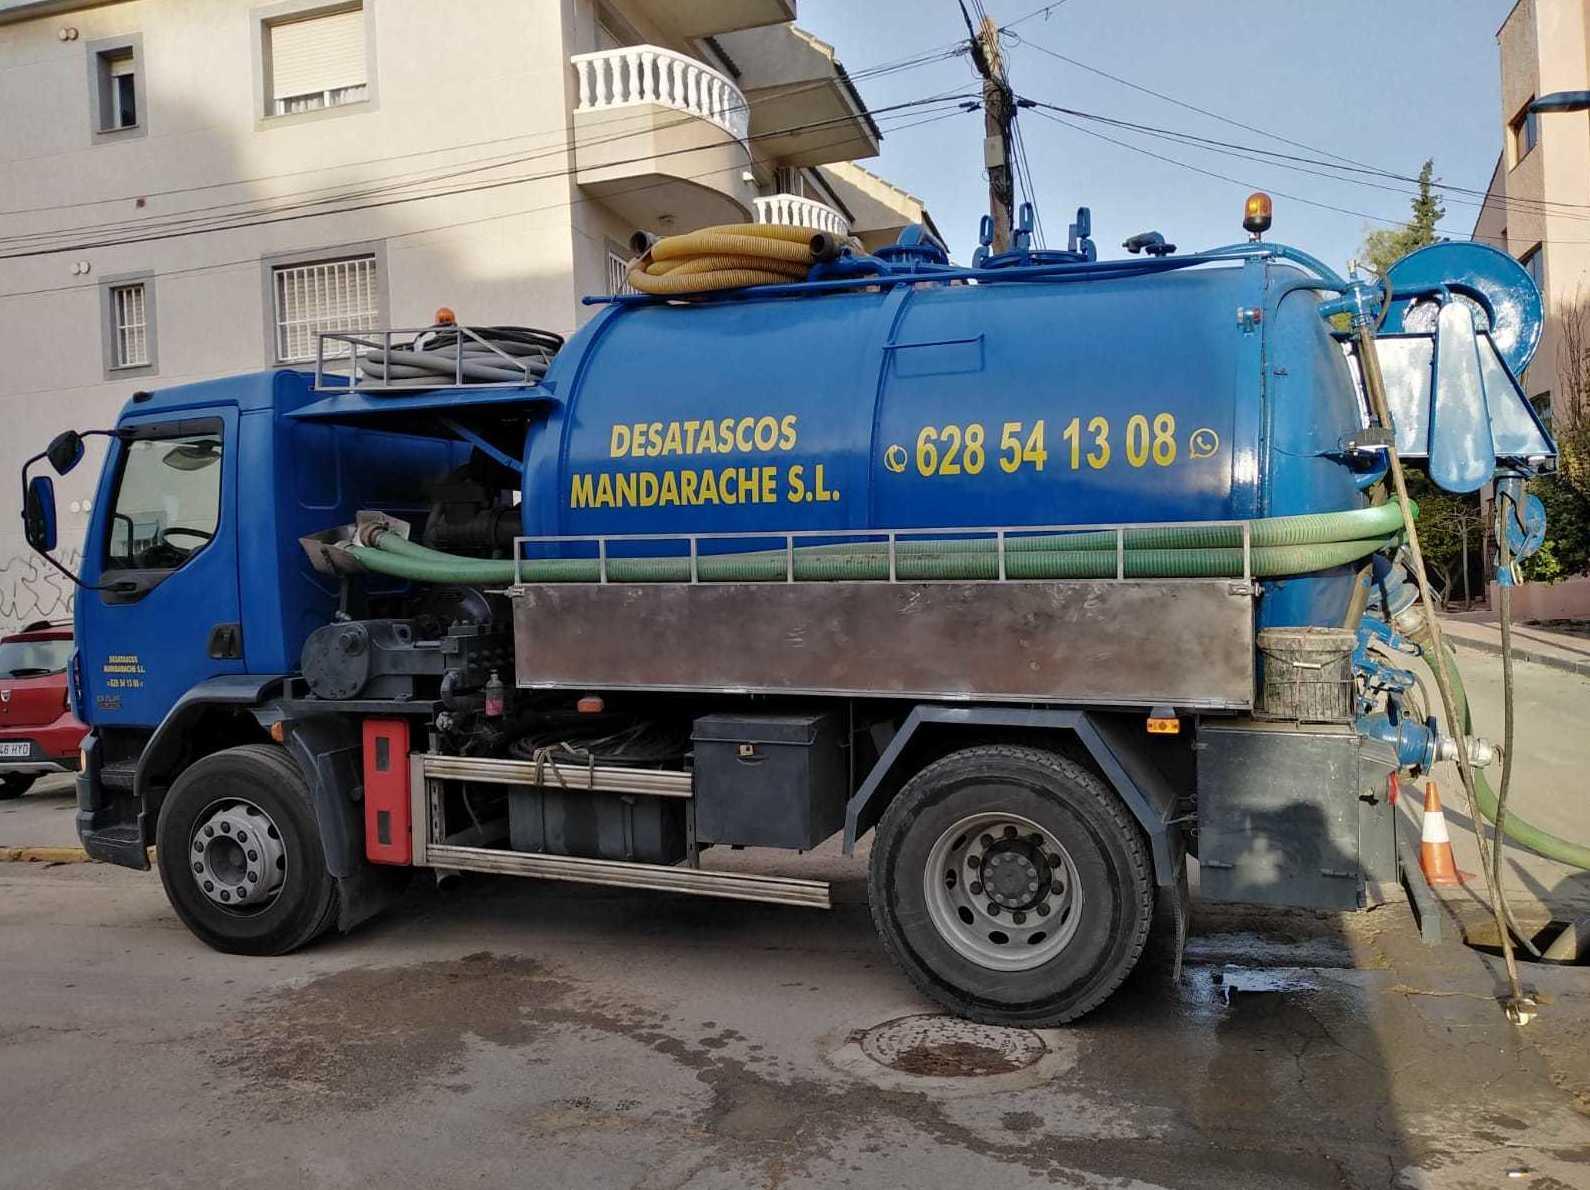 Foto 59 de Desatascos en Cartagena | Desatascos Mandarache, S.L.